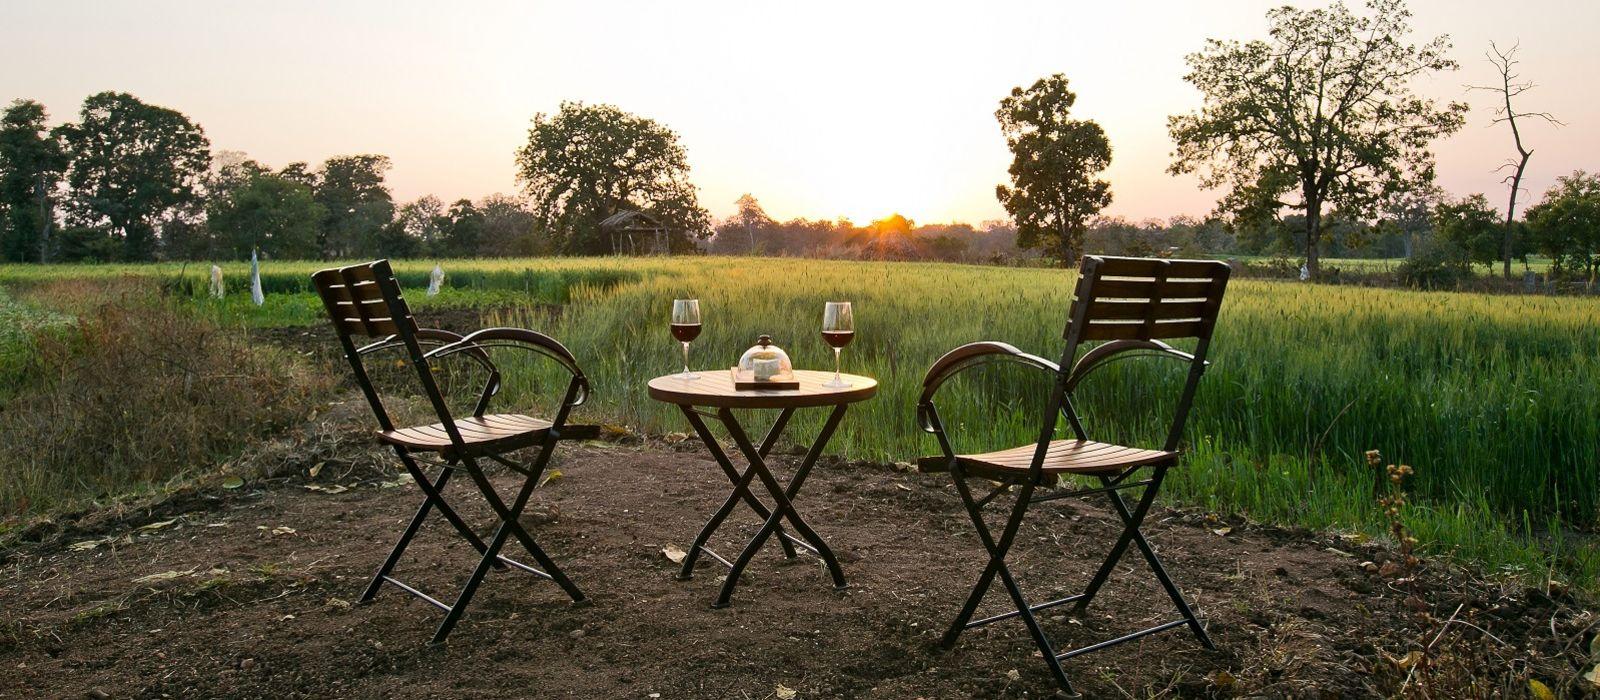 Metropolen & Safaris – Auf Tigers Fährte durch Indien Urlaub 4